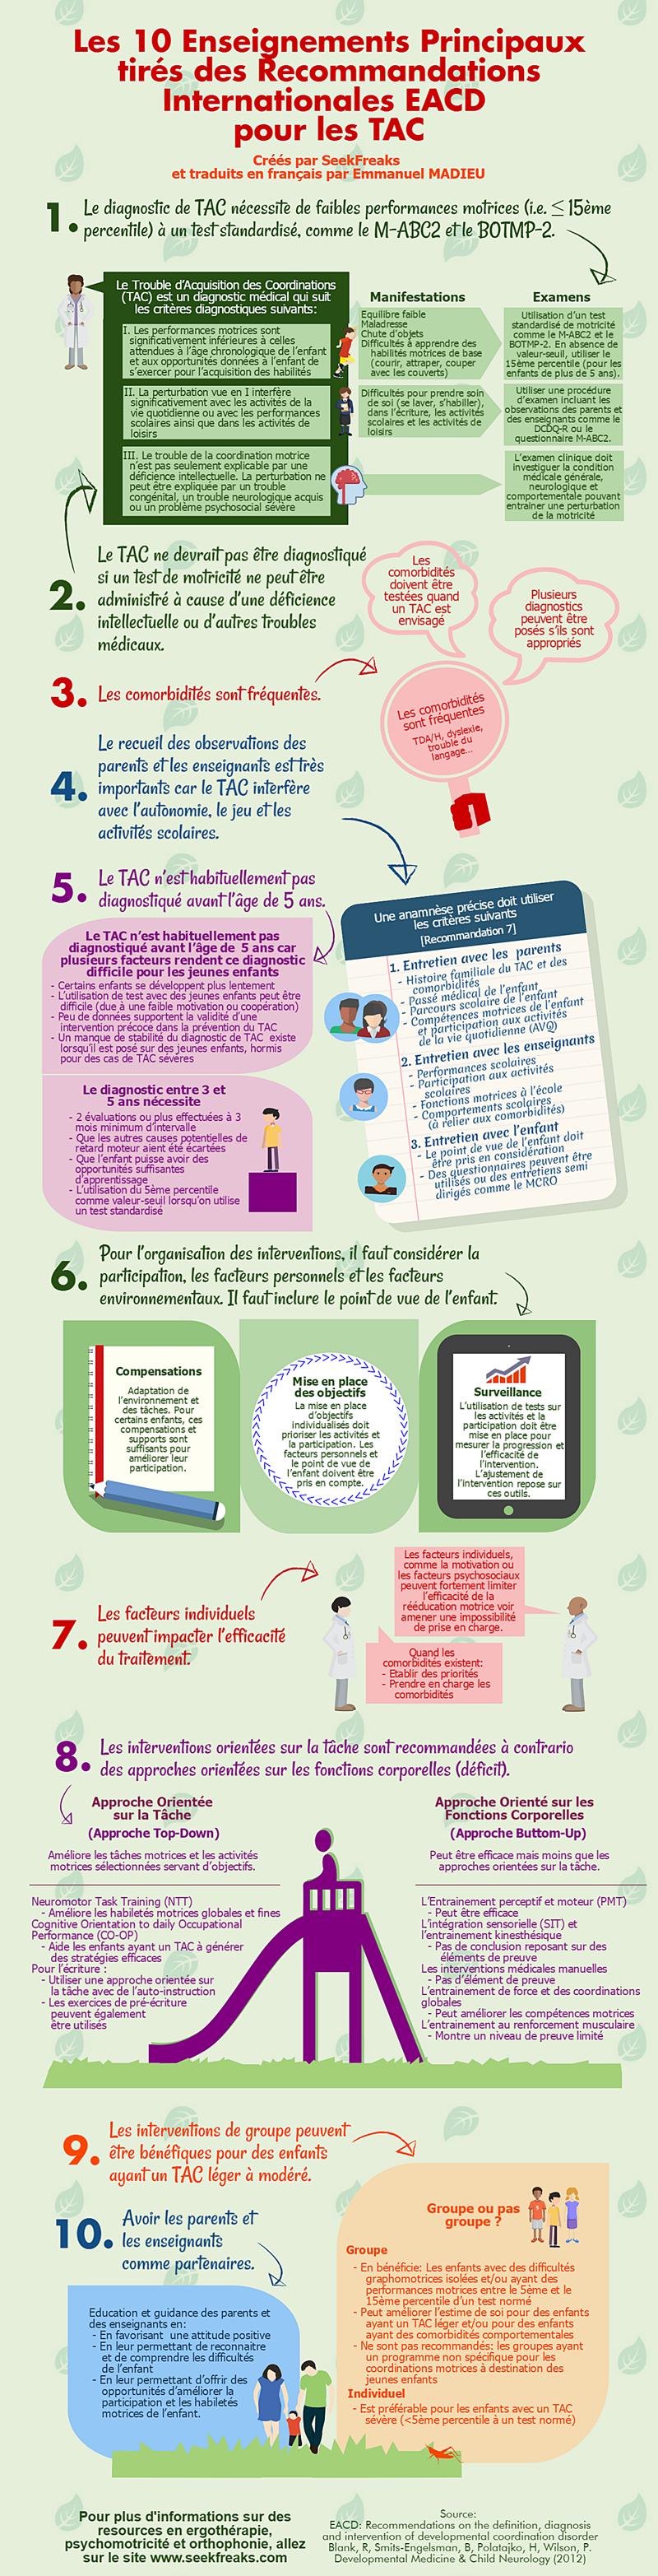 les-10-enseignements-principaux-tires-des-recommandations-internationales-eacd-pour-les-tac-seekfreaks-full